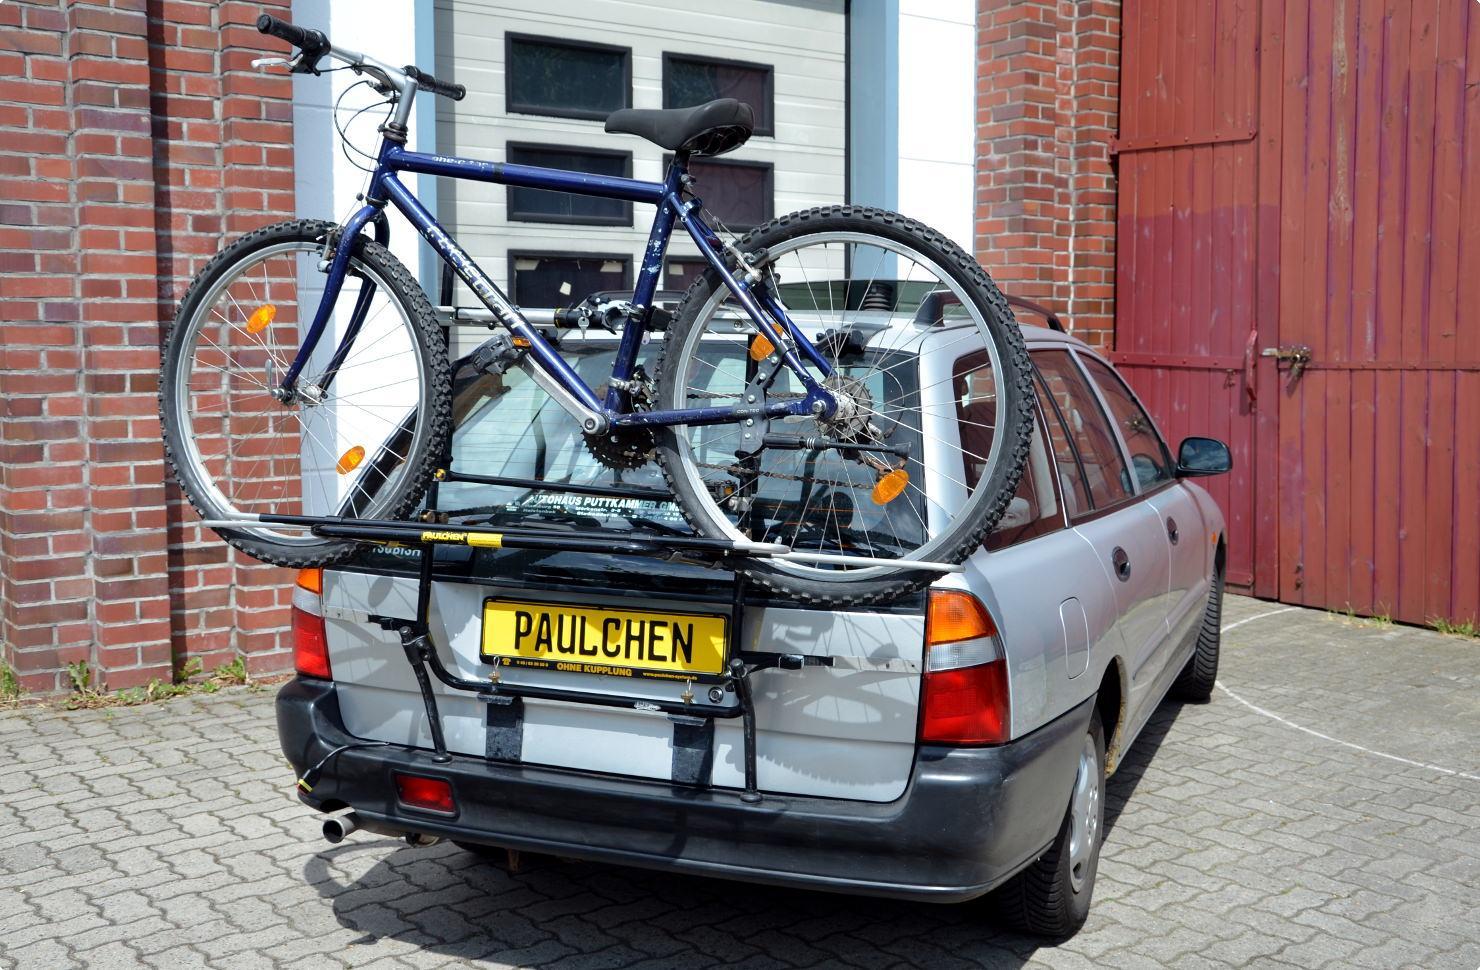 mitsubishi lancer kombi fahrradtr ger am heck paulchen hecktr ger system fahrradtr ger. Black Bedroom Furniture Sets. Home Design Ideas